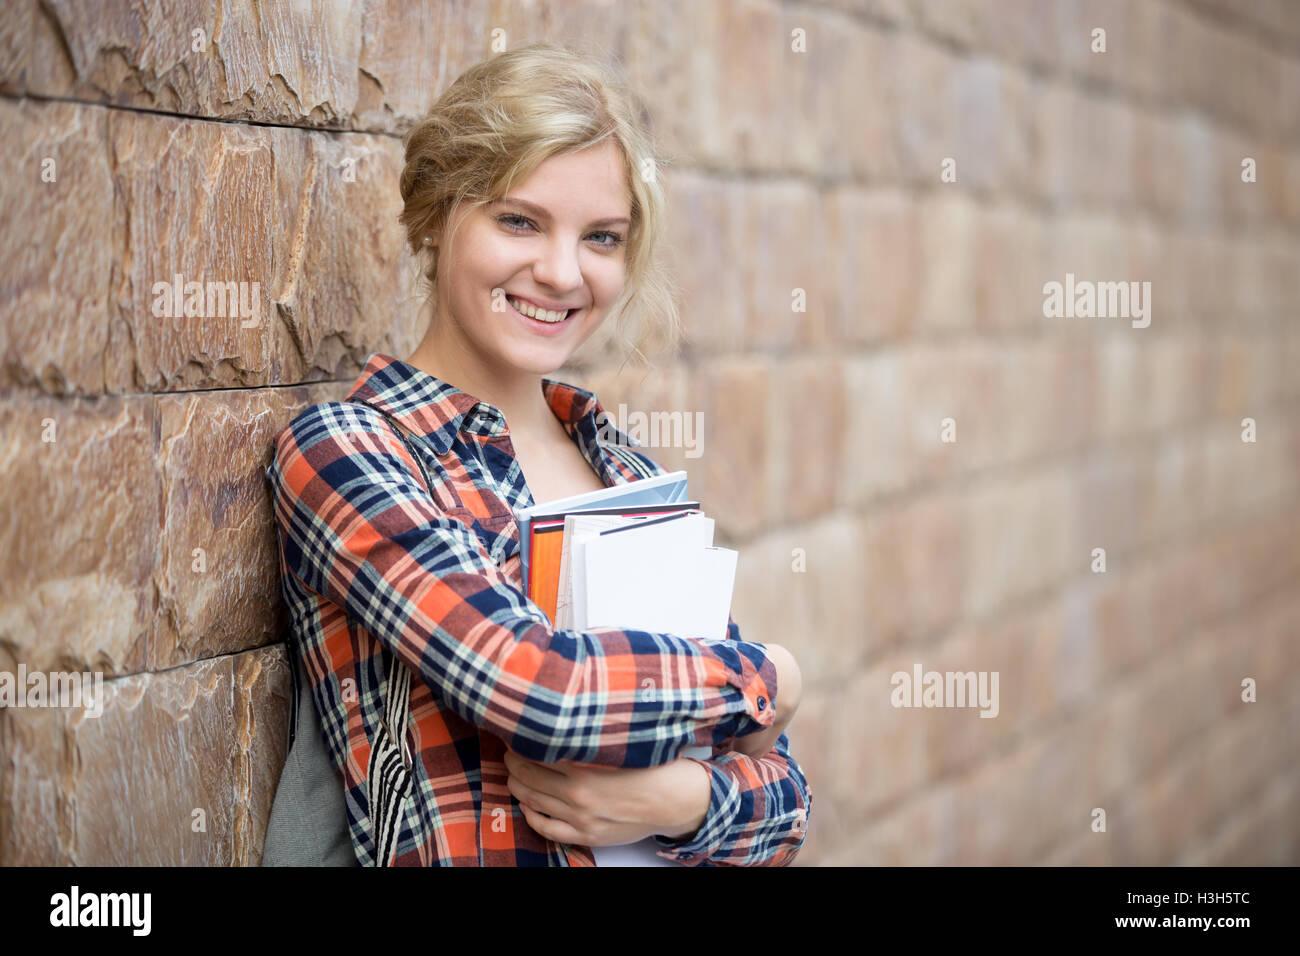 Retrato de un estudiante con libros contra la pared de ladrillo Imagen De Stock